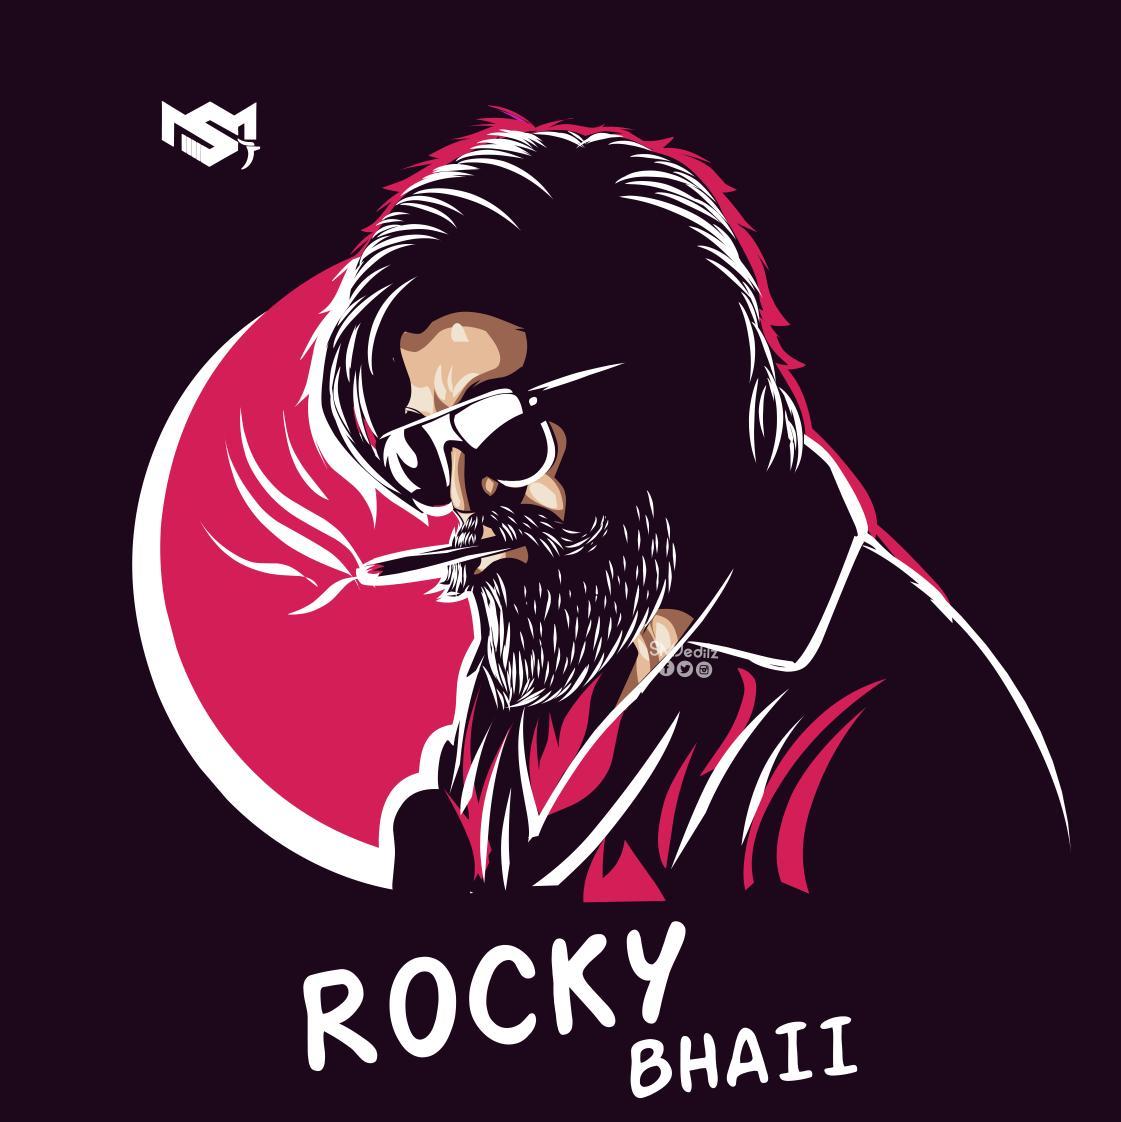 #Illustration artwork 🎨✍️  for the GANGSTAR⭐ Rocky bhai 🔥🔥💥  @TheNameIsYash 🥰🙌  Egarly 🤩 waiting for the #KGFChapter2teaser  @prashanth_neel @hombalefilms  #WeWantKGFChapter2Teaser #smjeditz #vectorart #digitalart https://t.co/kiWiDdFlDC